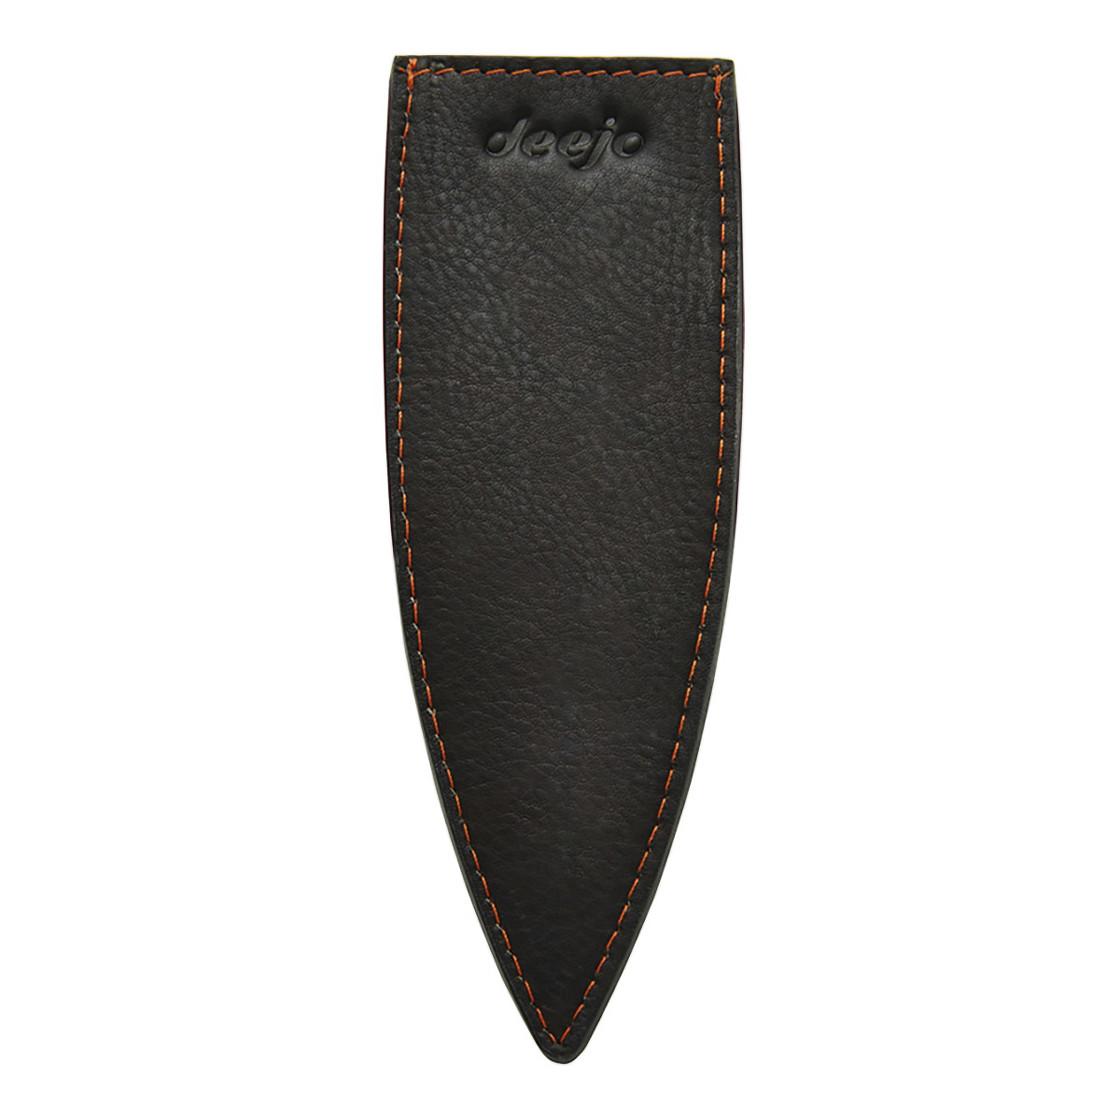 Kožené púzdro pre nože Deejo 37 g hnedá mocca